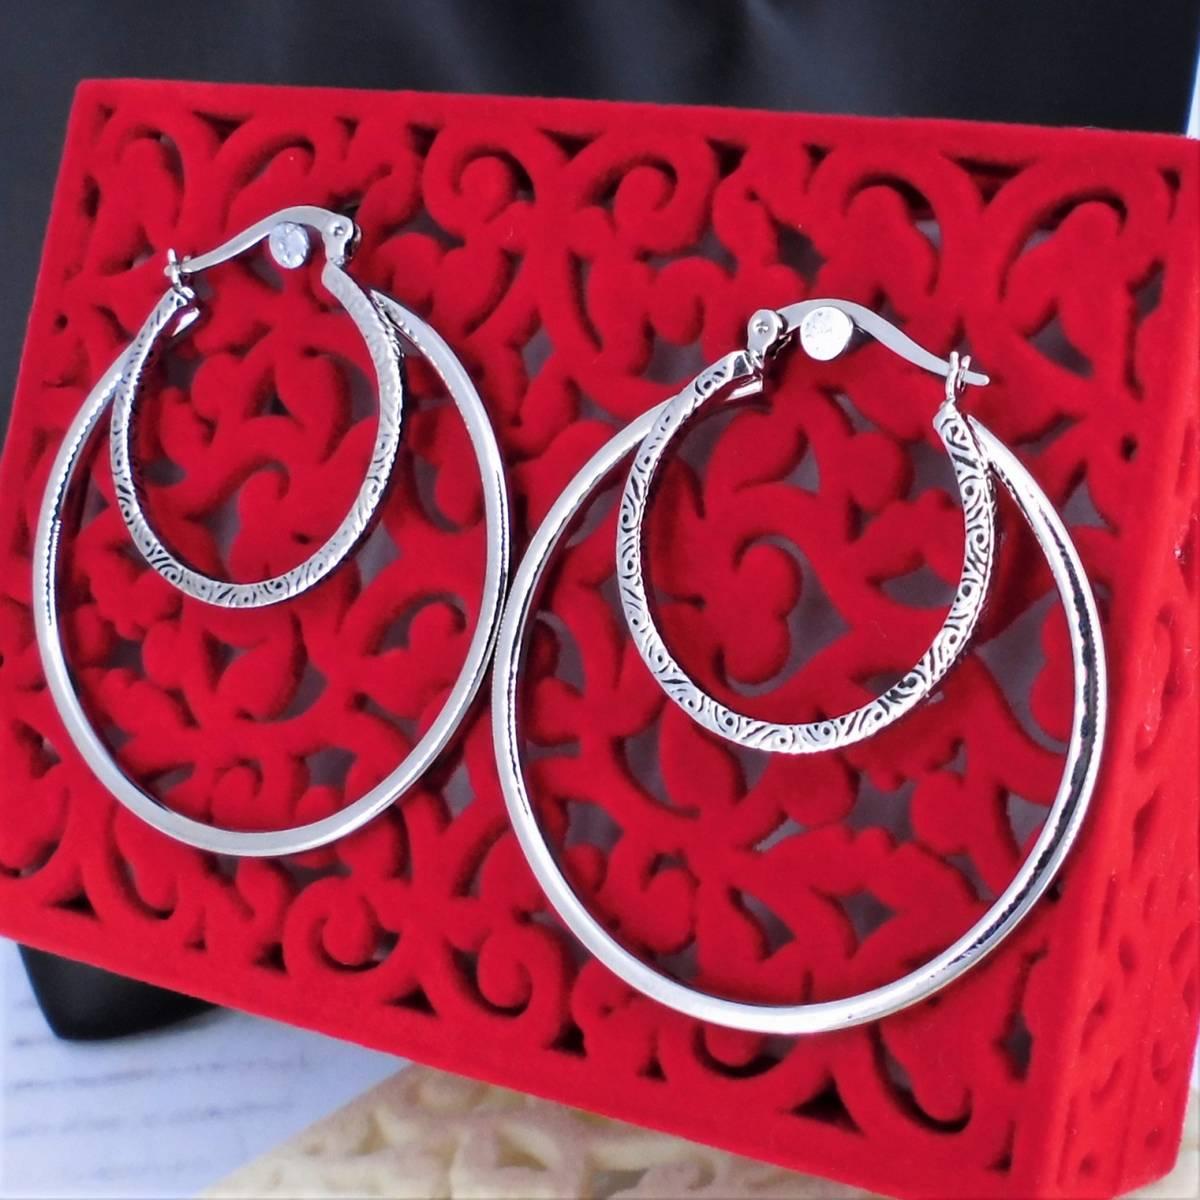 Fashionable stylish design metal hoop earrings